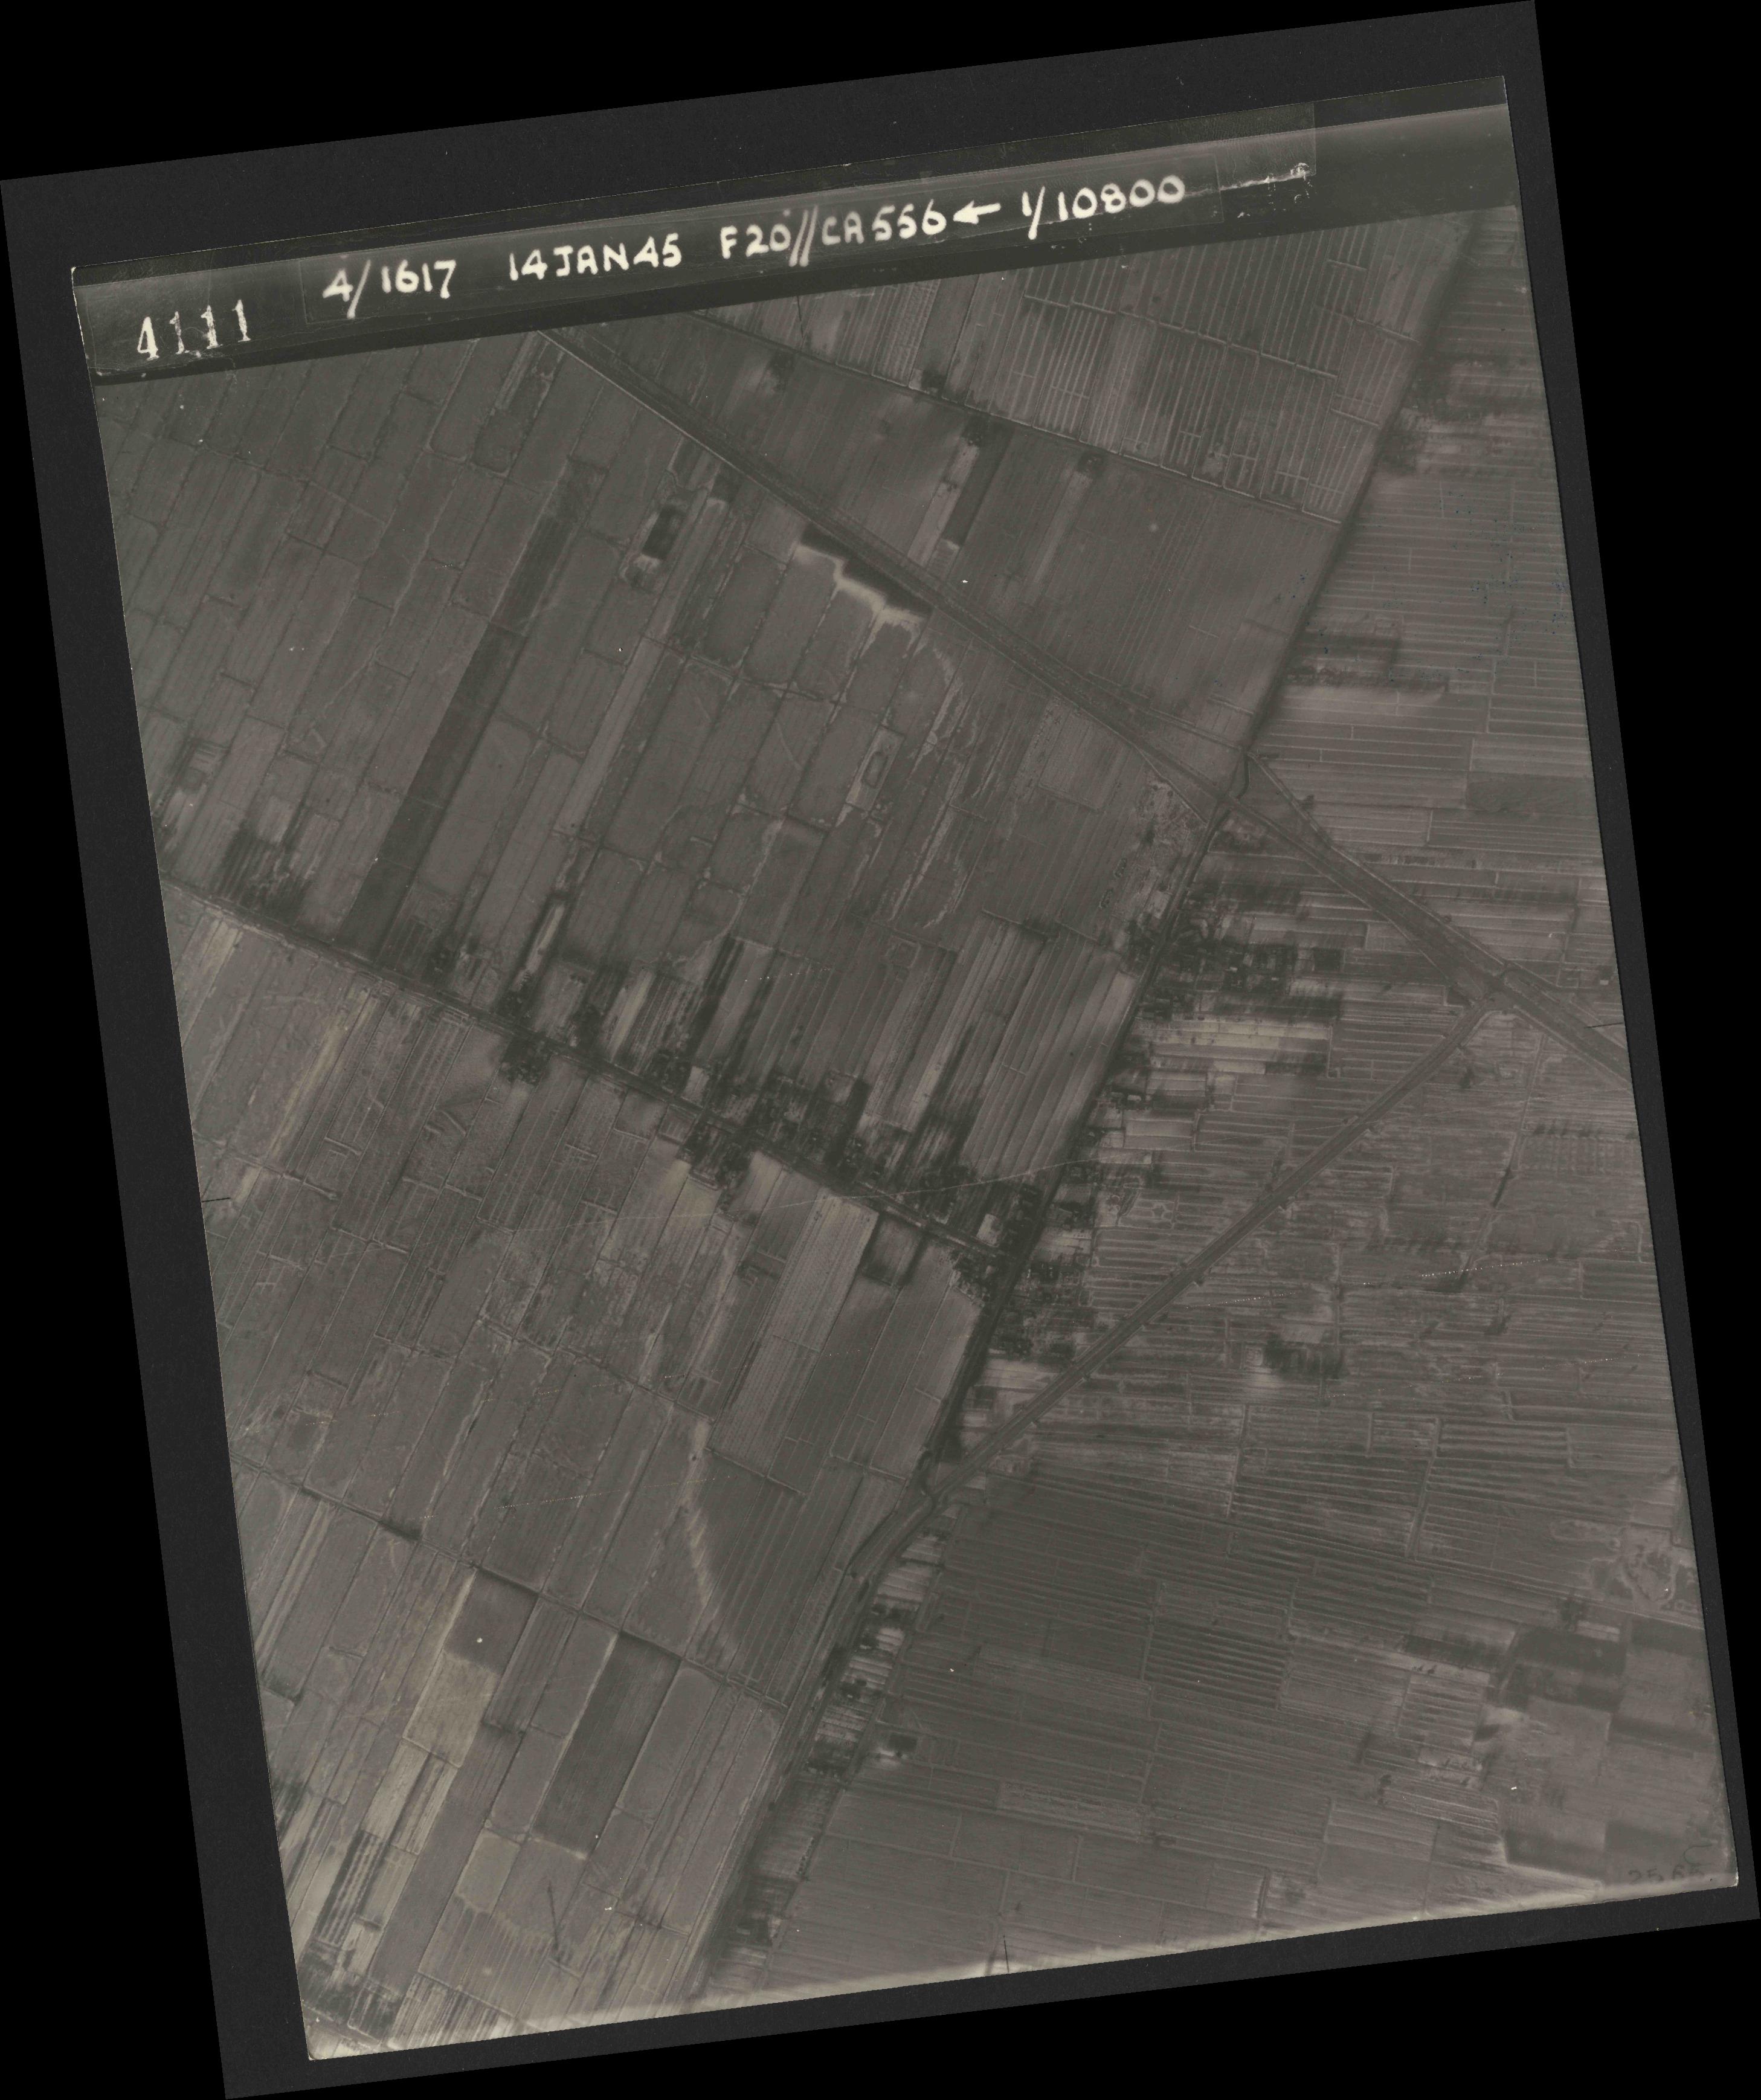 Collection RAF aerial photos 1940-1945 - flight 060, run 02, photo 4111